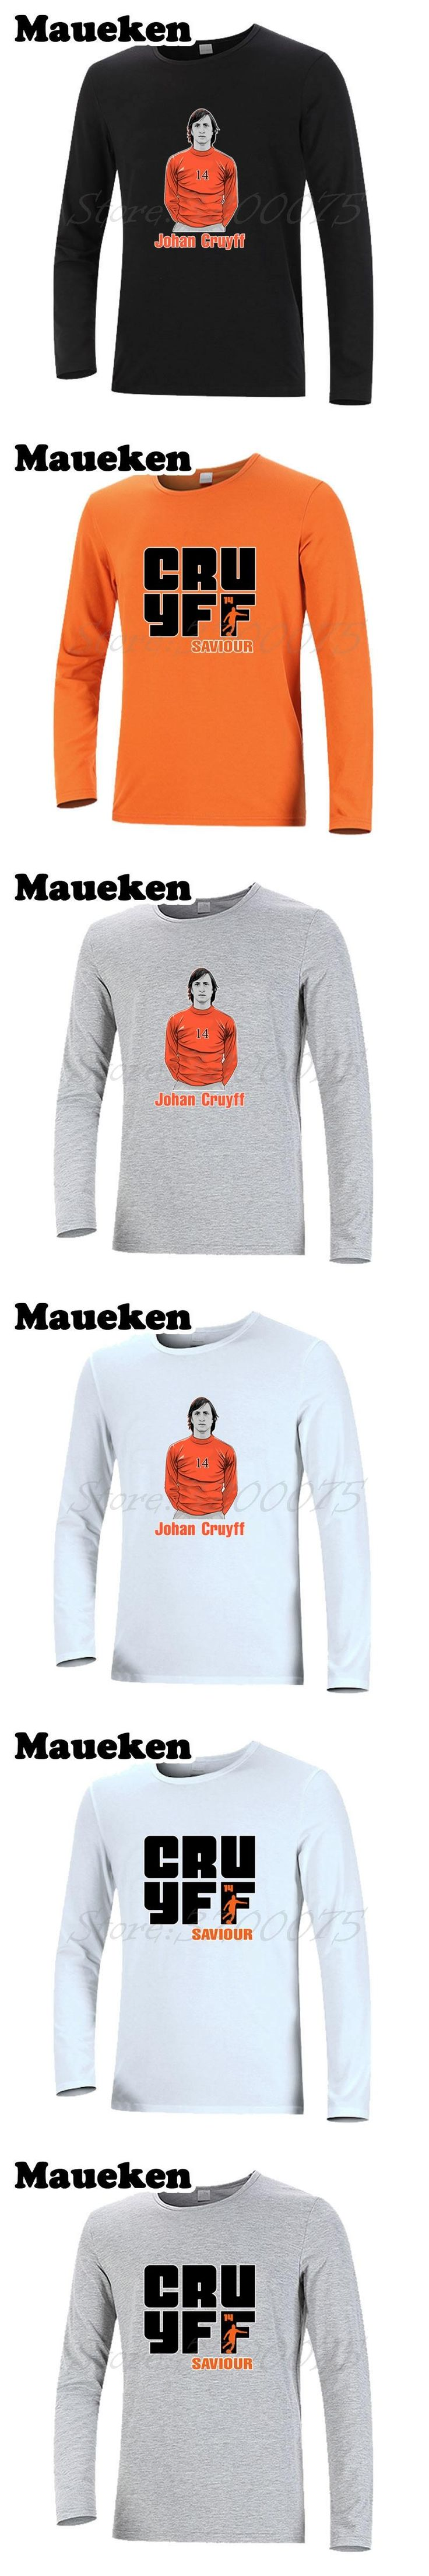 Long Sleeve Johannes Johan Cruyff saviour #14 Men T-Shirt barcelona Godfather Netherlands Legend T Shirt Autumn Winter W17100716